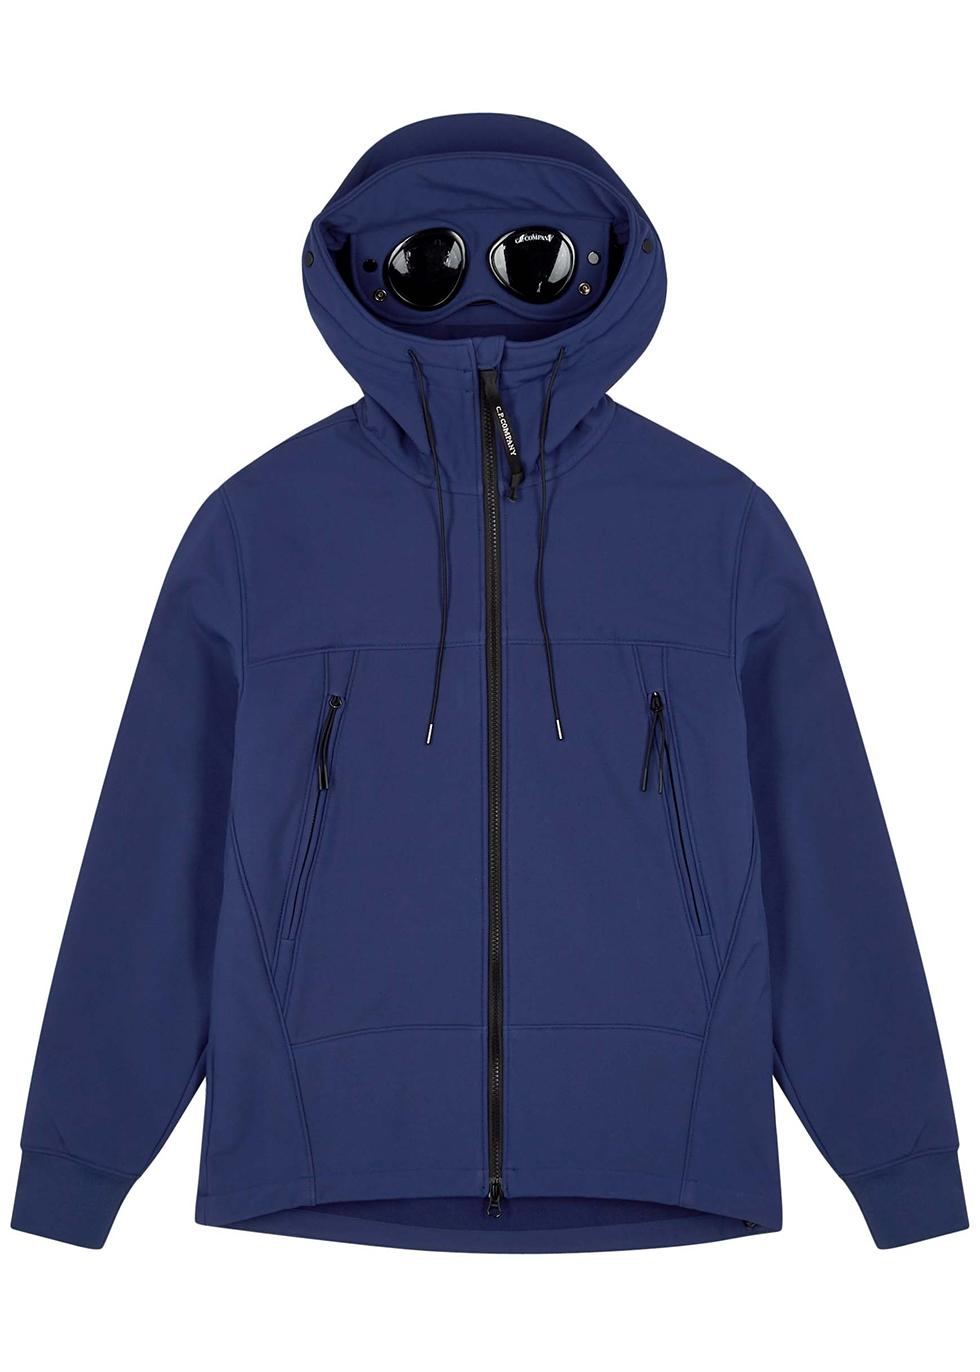 Goggle navy shell jacket